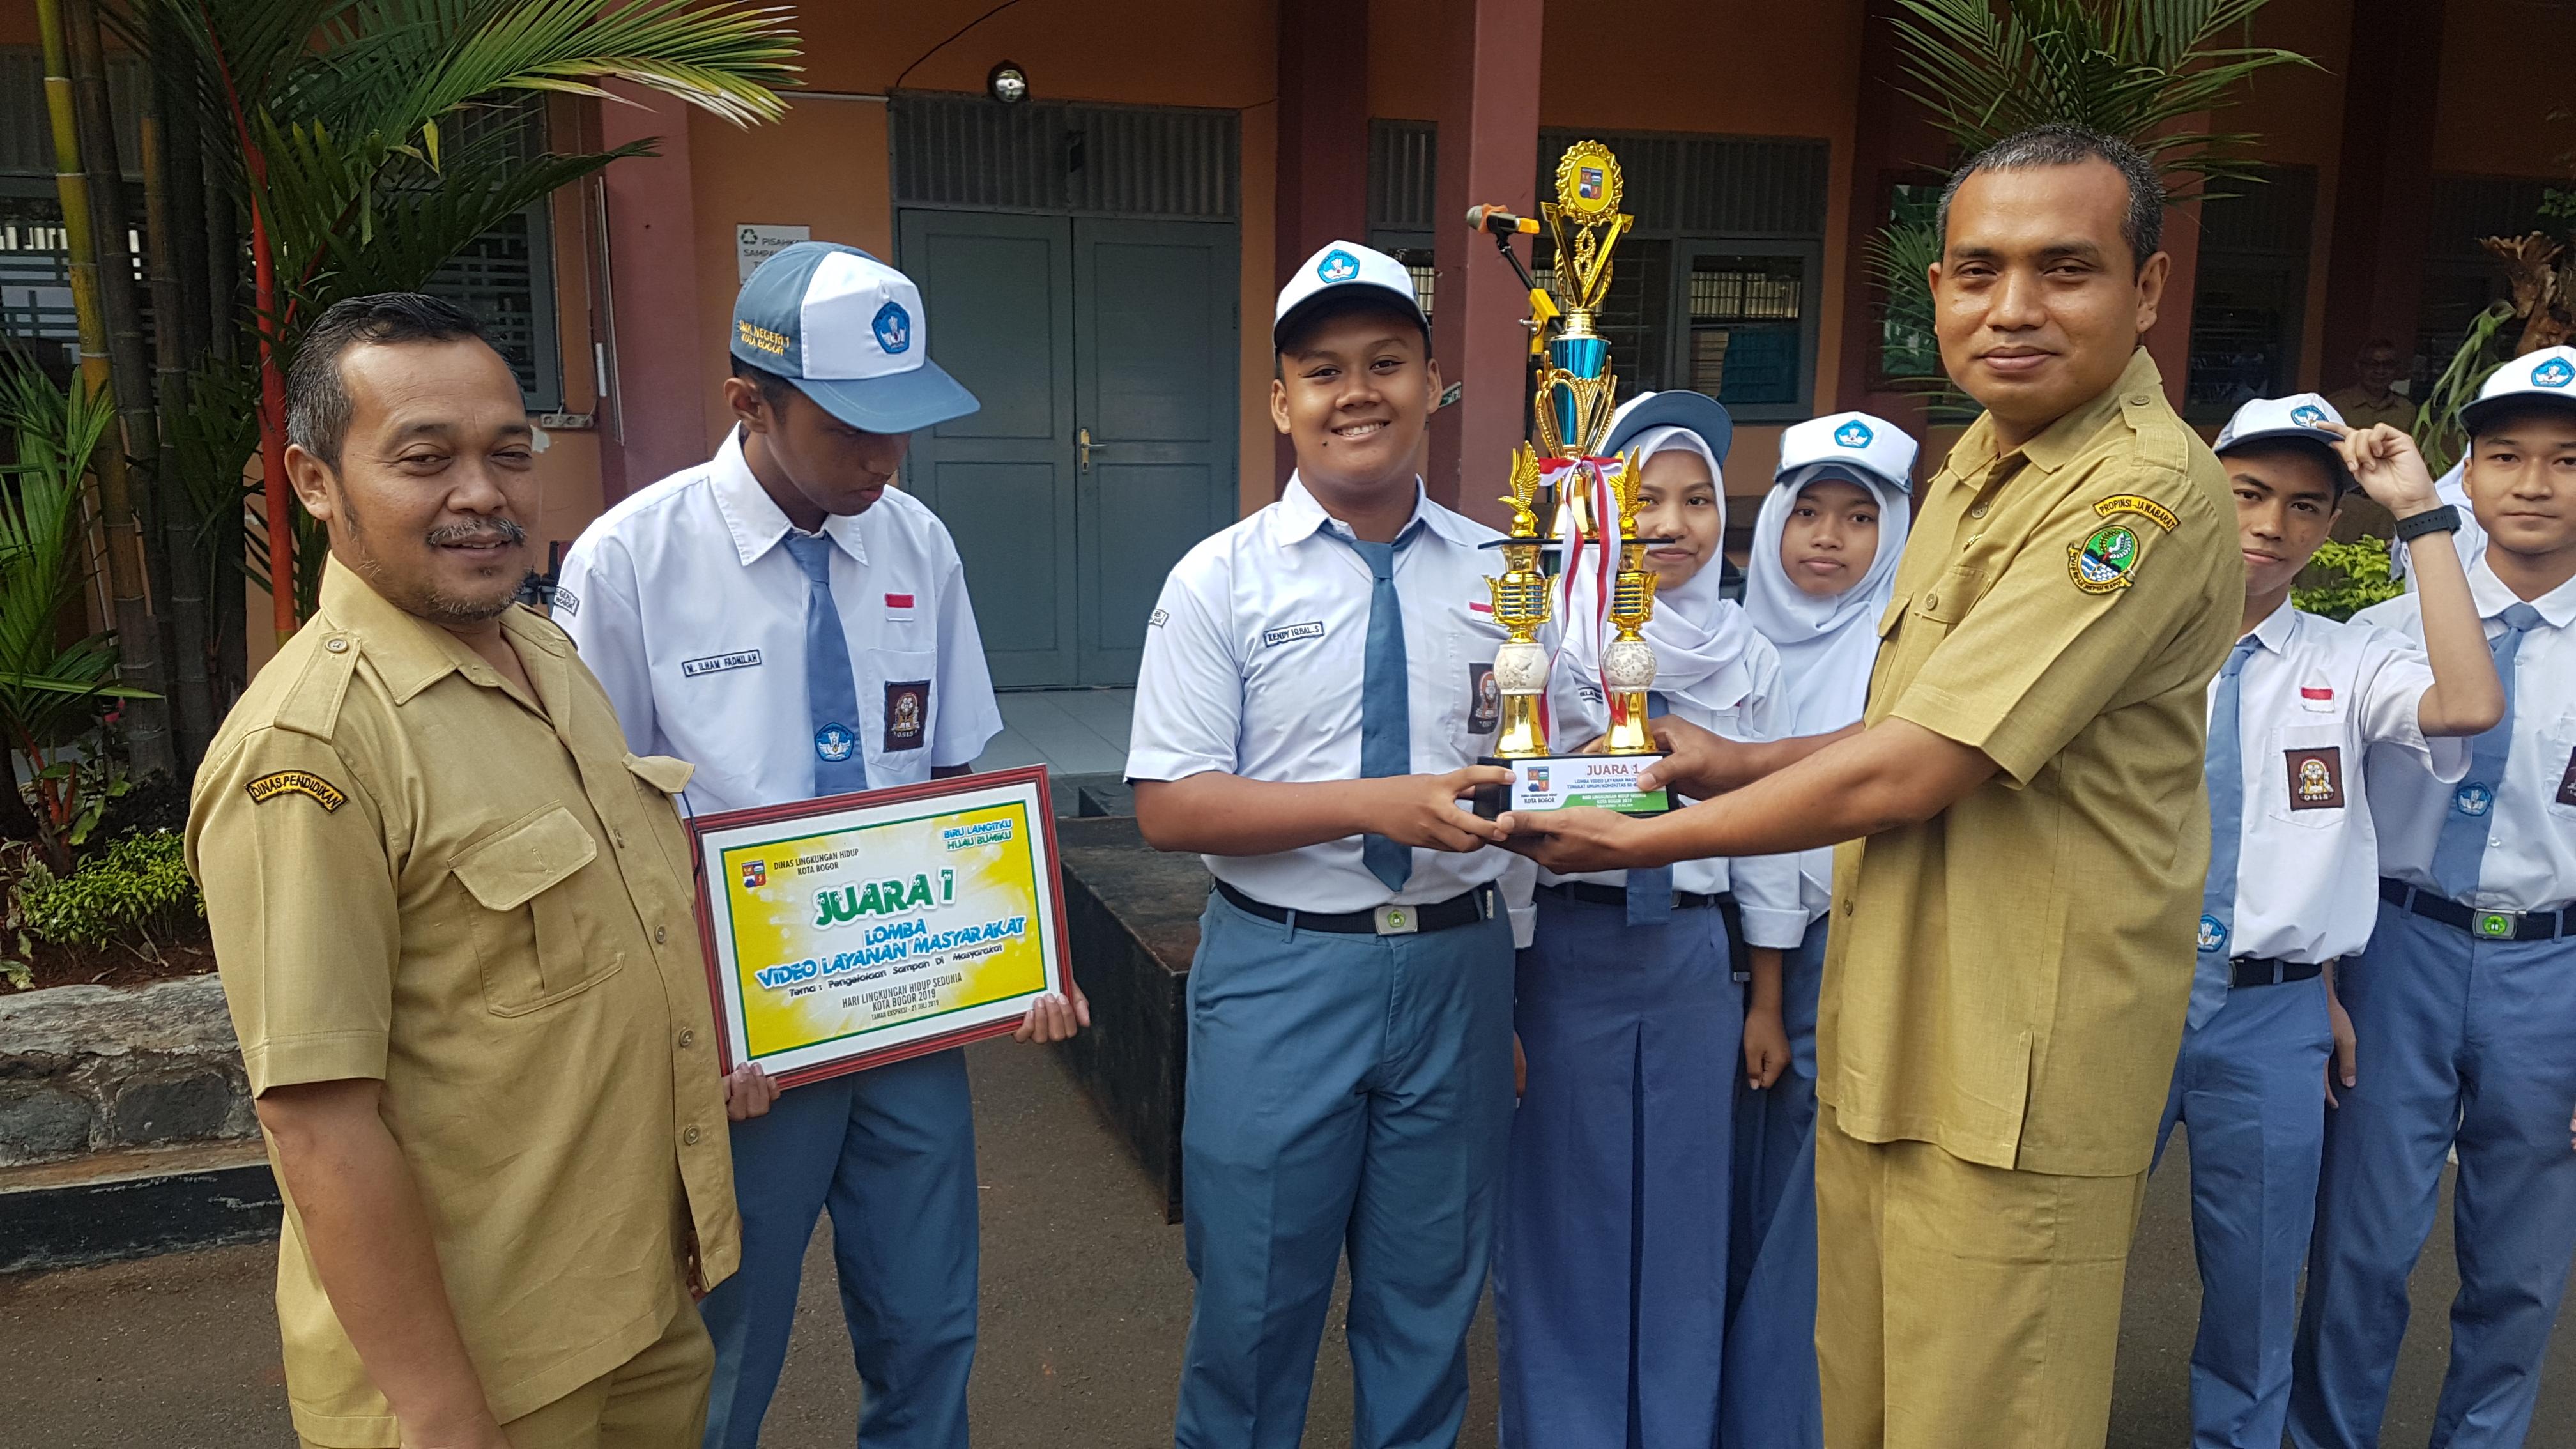 Juara 1 Lomba Video Layanan Masyarakat Di Dinasl Lingkungan Hidup Kota Bogor